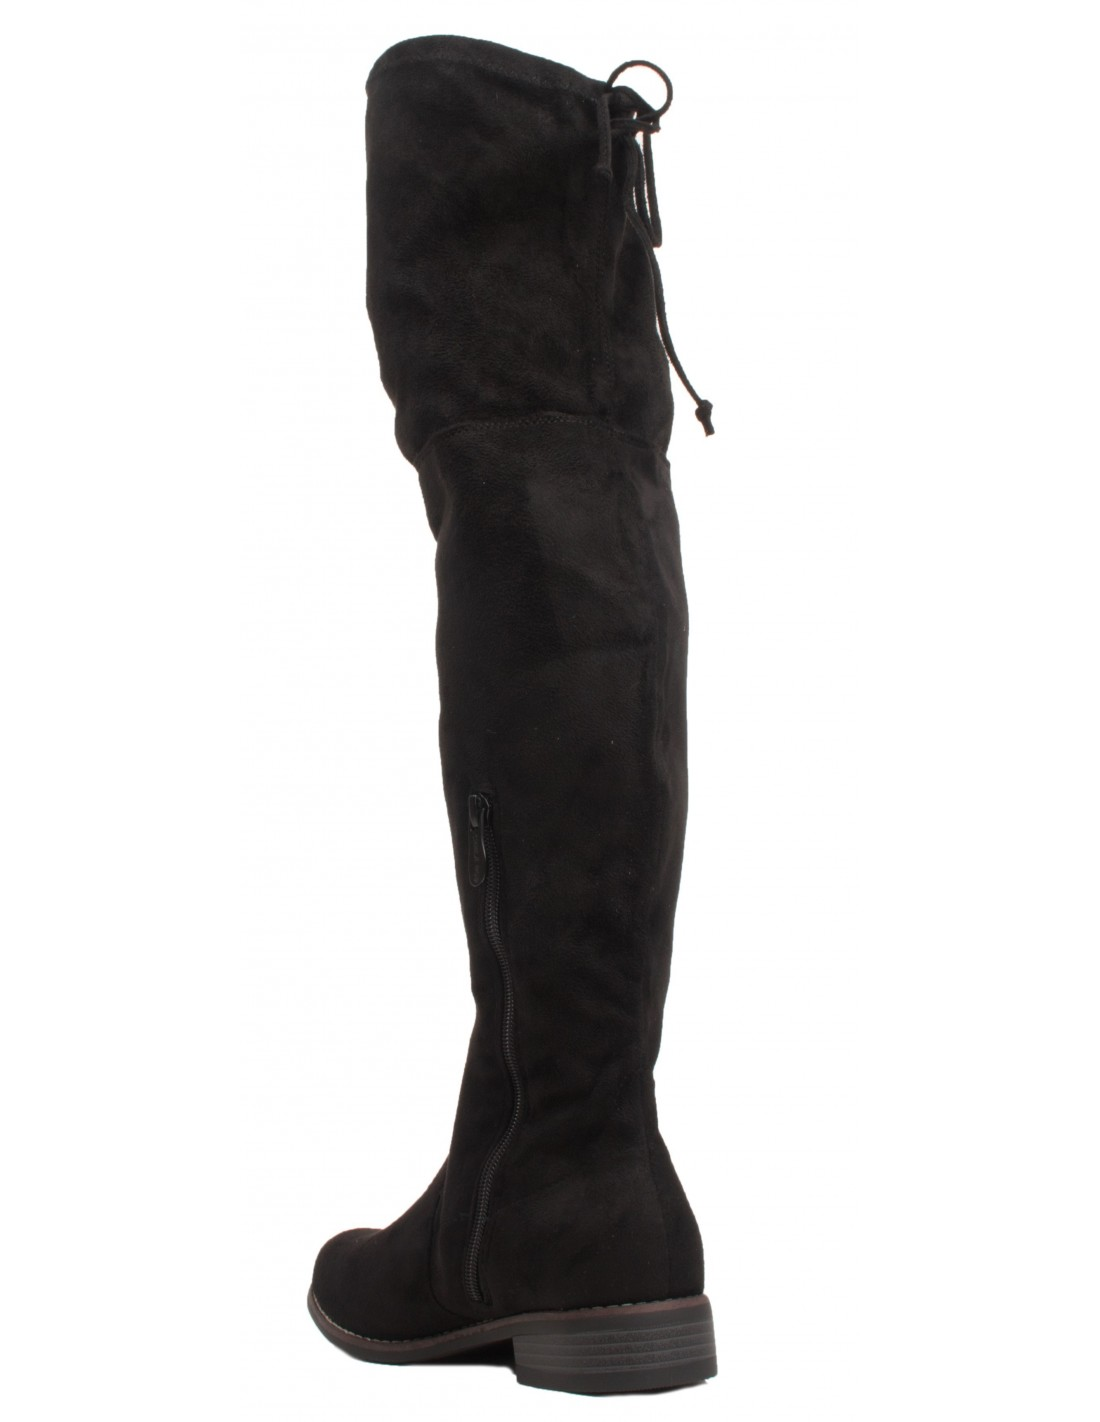 be9beac6a5c03 ... Bottes Cuissardes noir en suédine pour femme avec talon bas   lacet ...